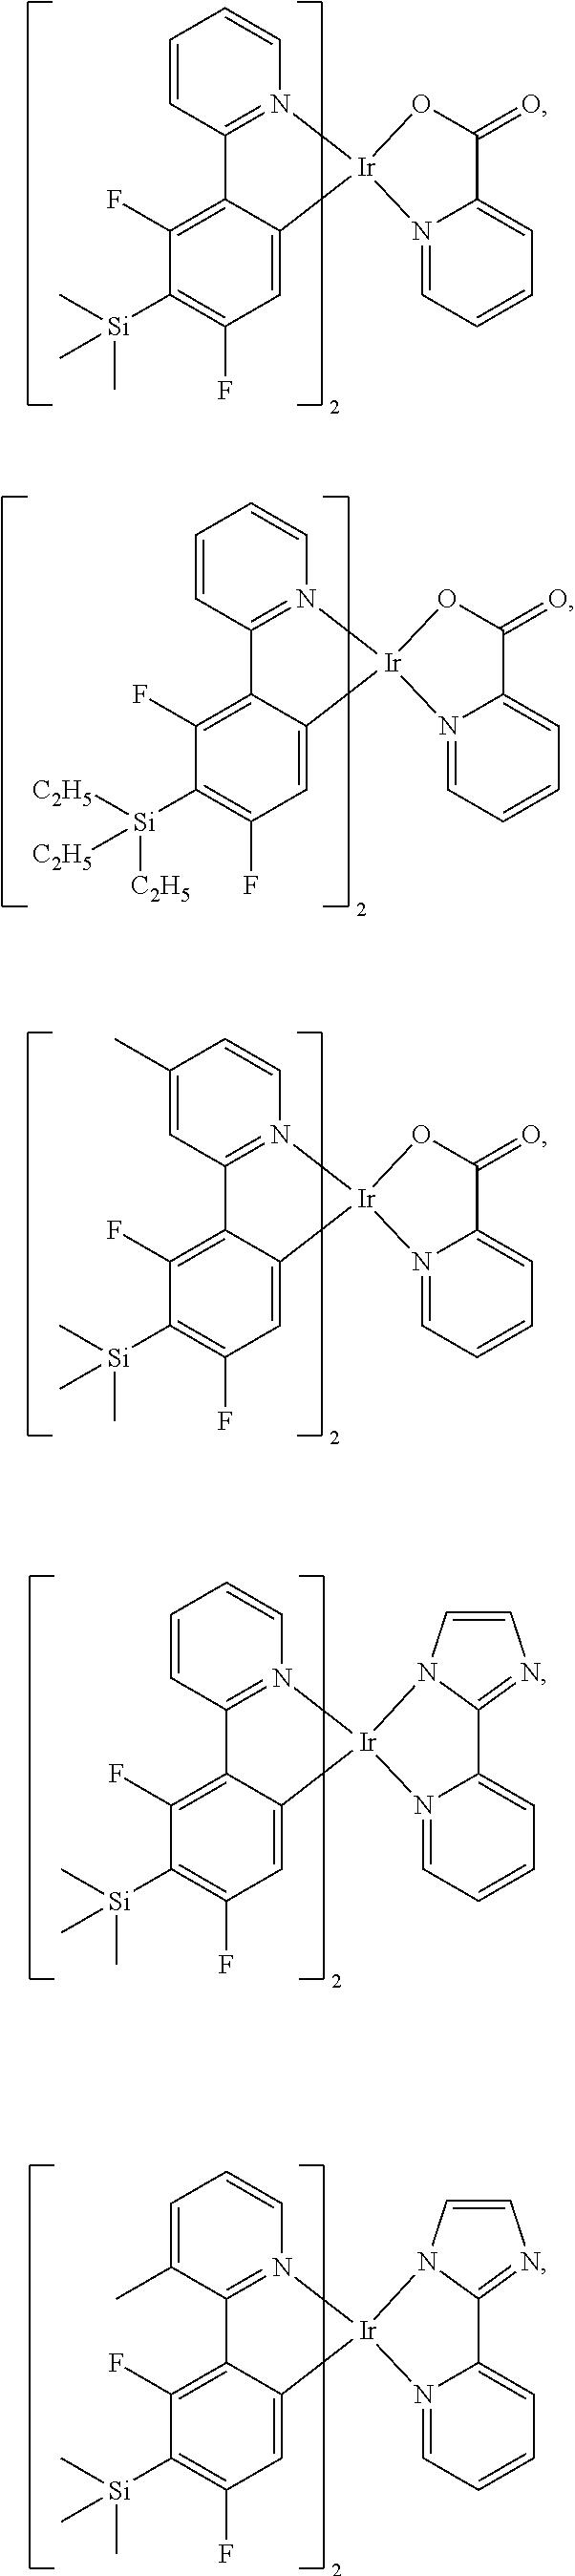 Figure US10153441-20181211-C00012